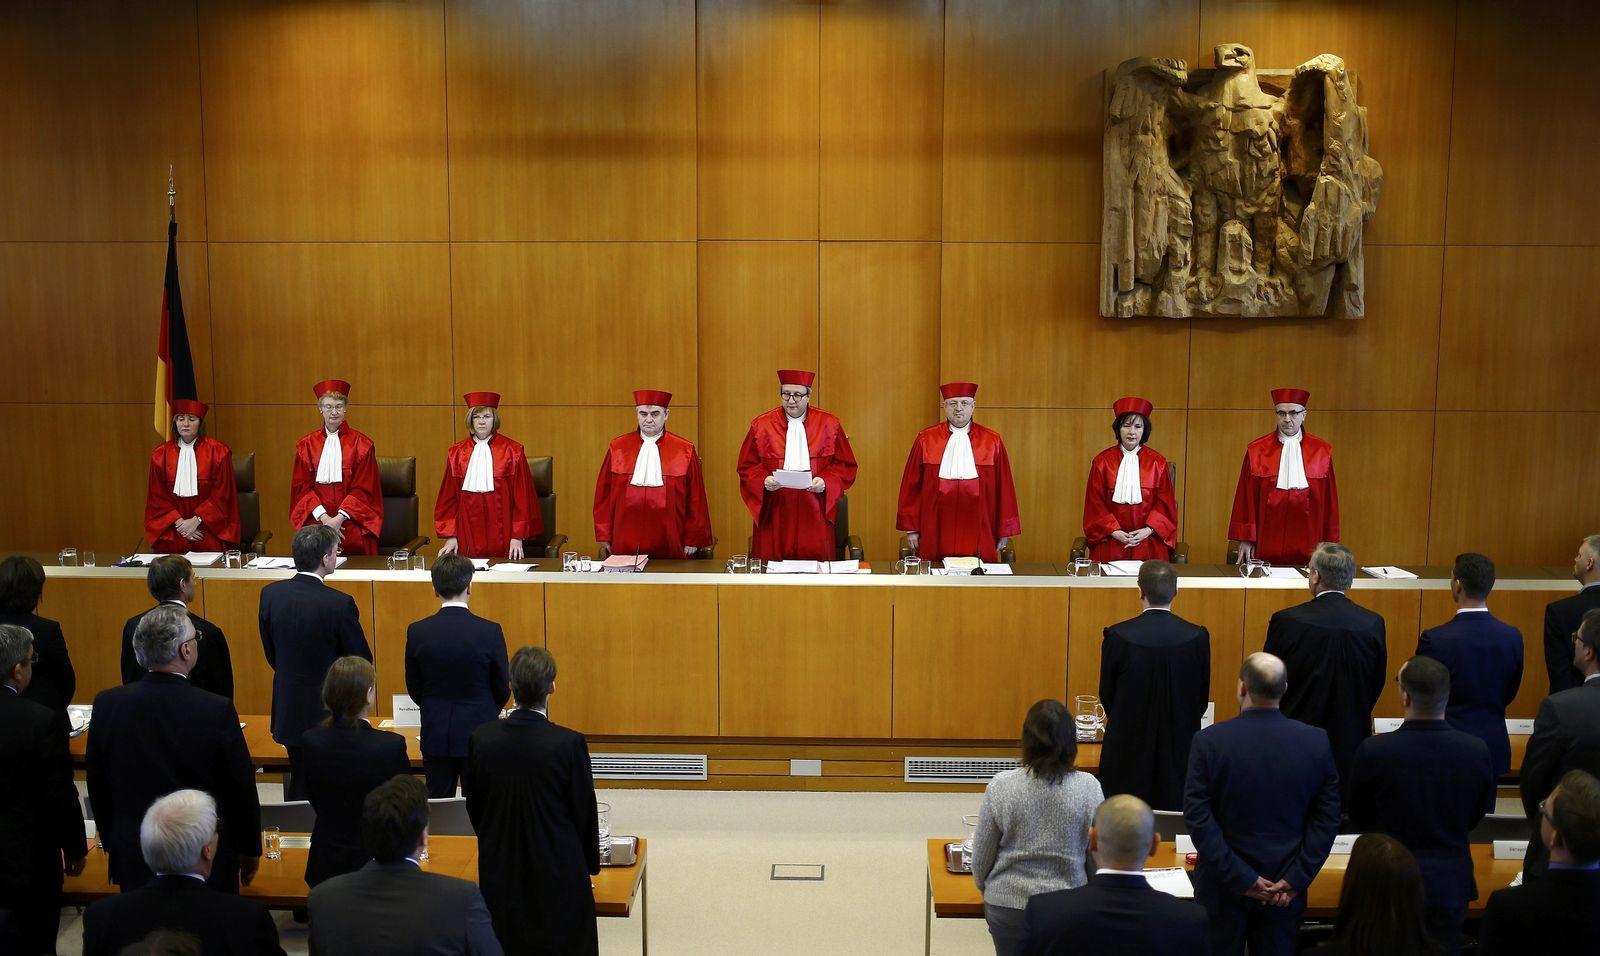 Zweiter Senat/ Bundesverfassungsgericht/ Karlsruhe